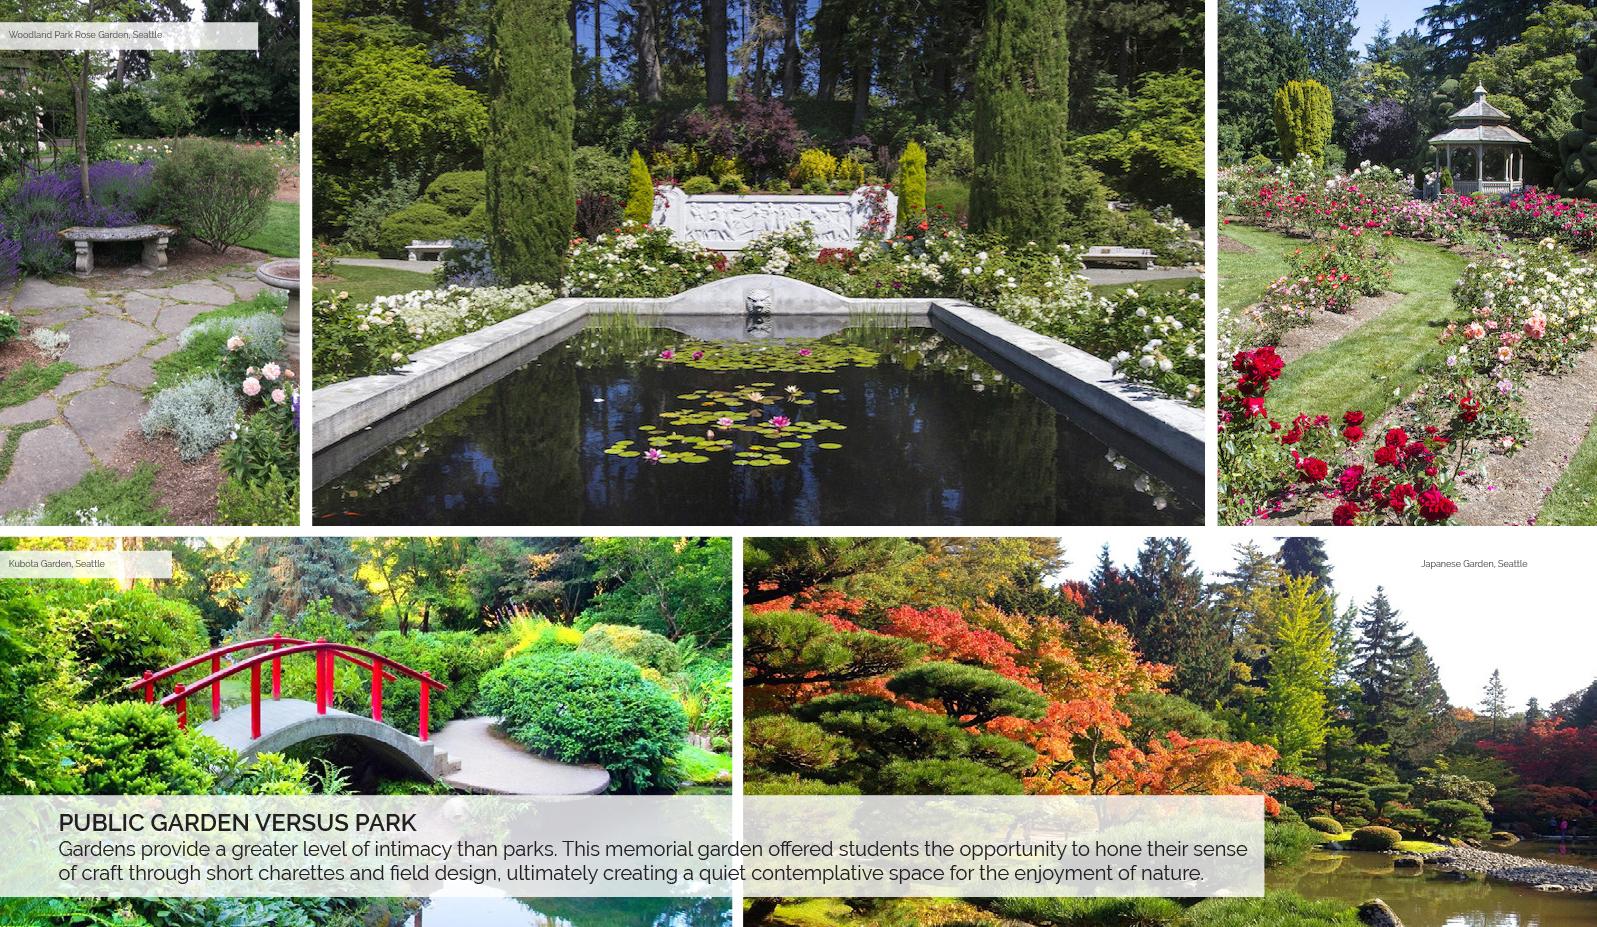 Public Garden versus Park